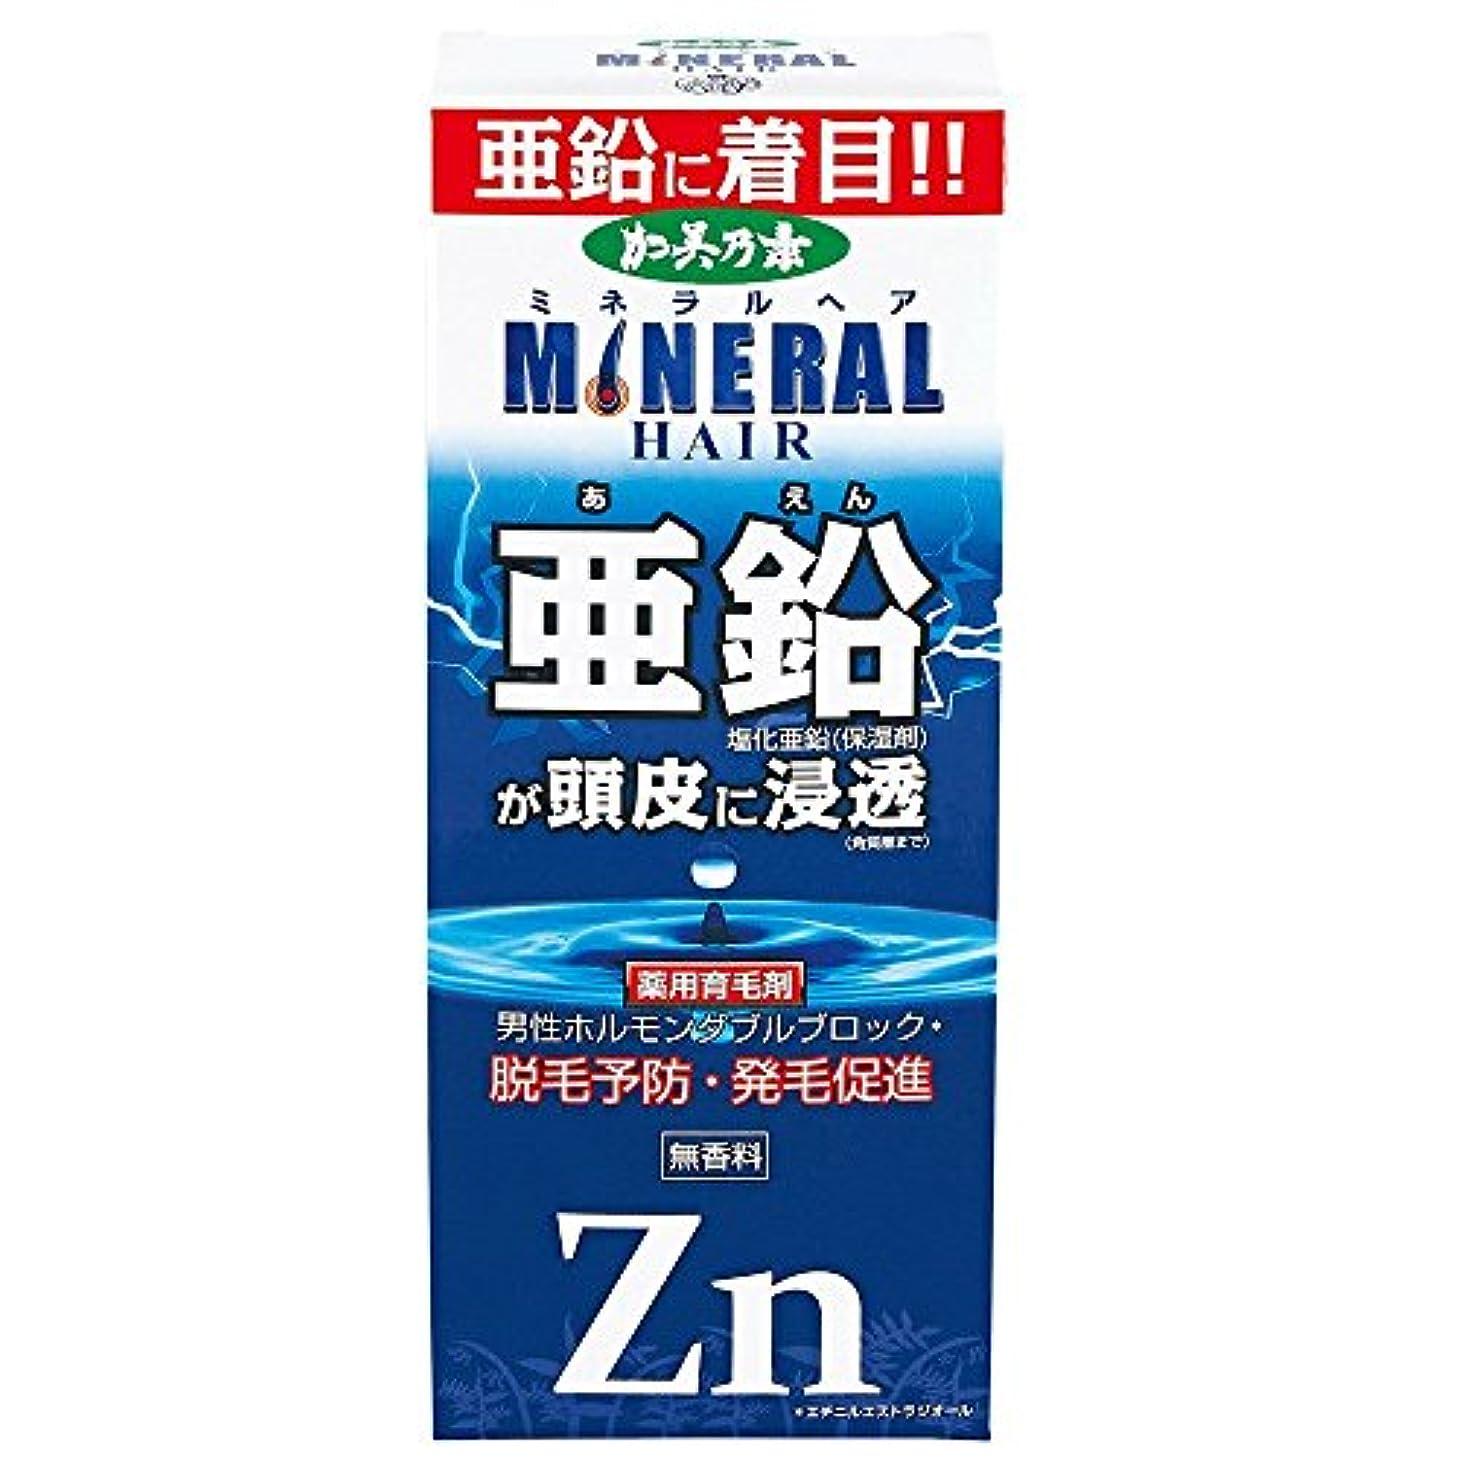 ハプニングリダクター気分が悪い薬用加美乃素 ミネラルヘア 育毛剤 180mL×6個